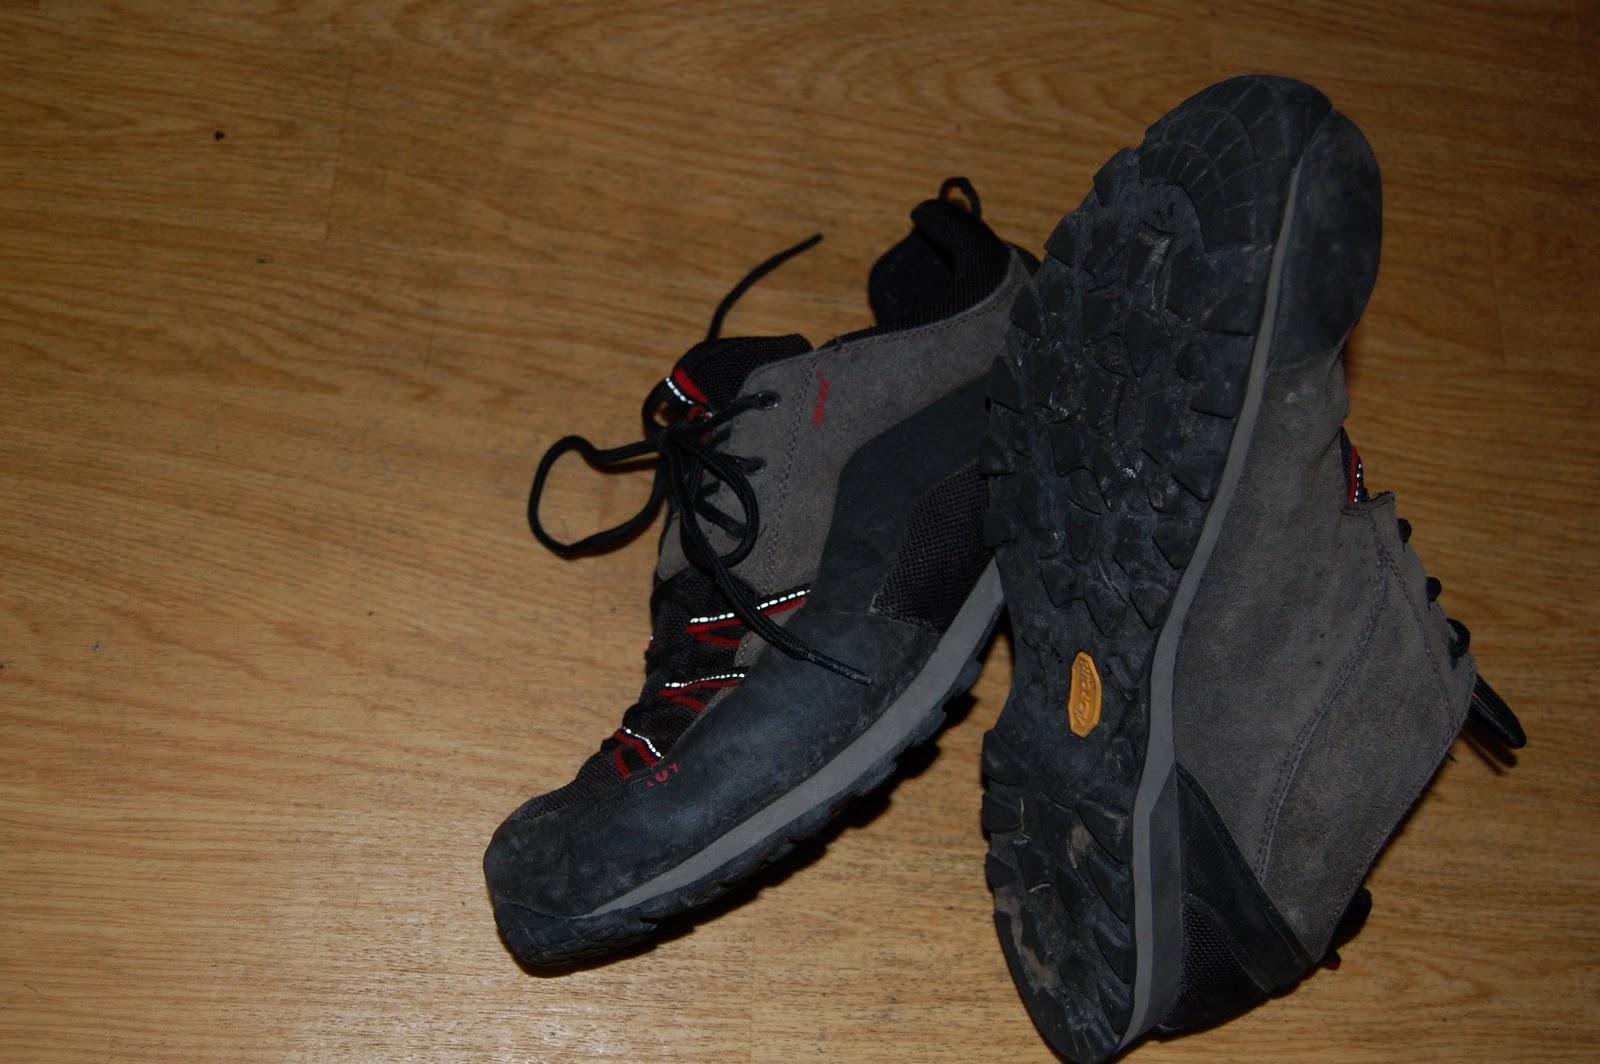 520ac4edf255 POHORKY-Alebo vysoké turistické topánky sú určené pre náročnejšie terény a  viac denne túry s ťažkým batohom. V dnešnej dobe sú moderné topánky zo ...